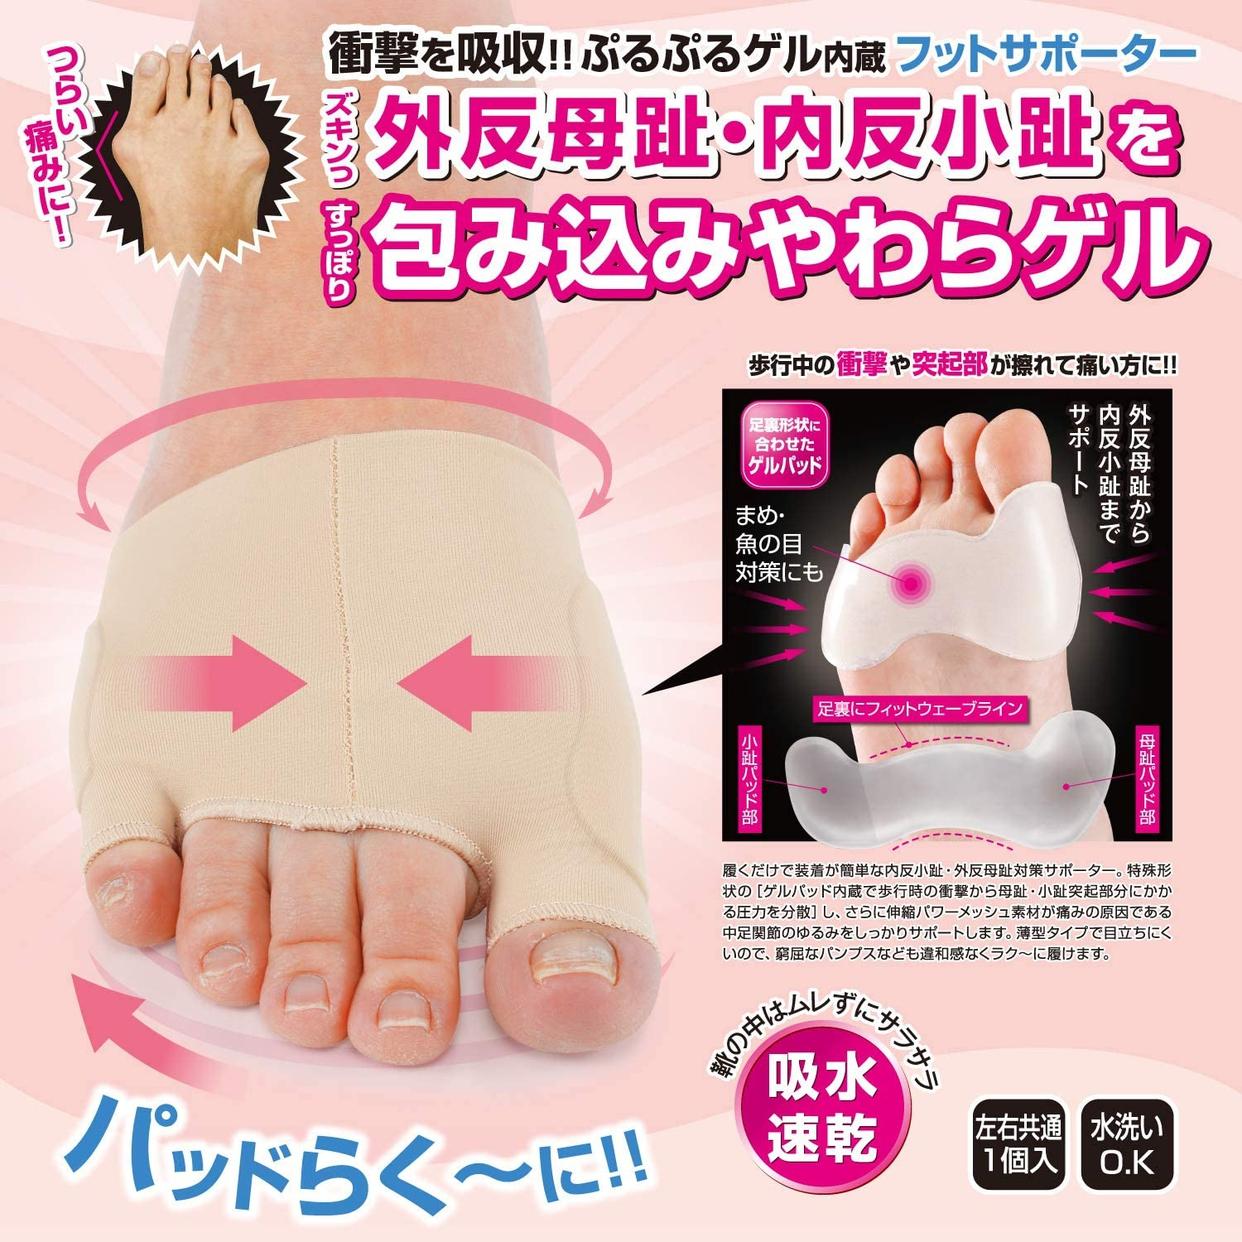 アメイズプラス やわらゲル 内反小趾外反母趾足指サポーターの商品画像2